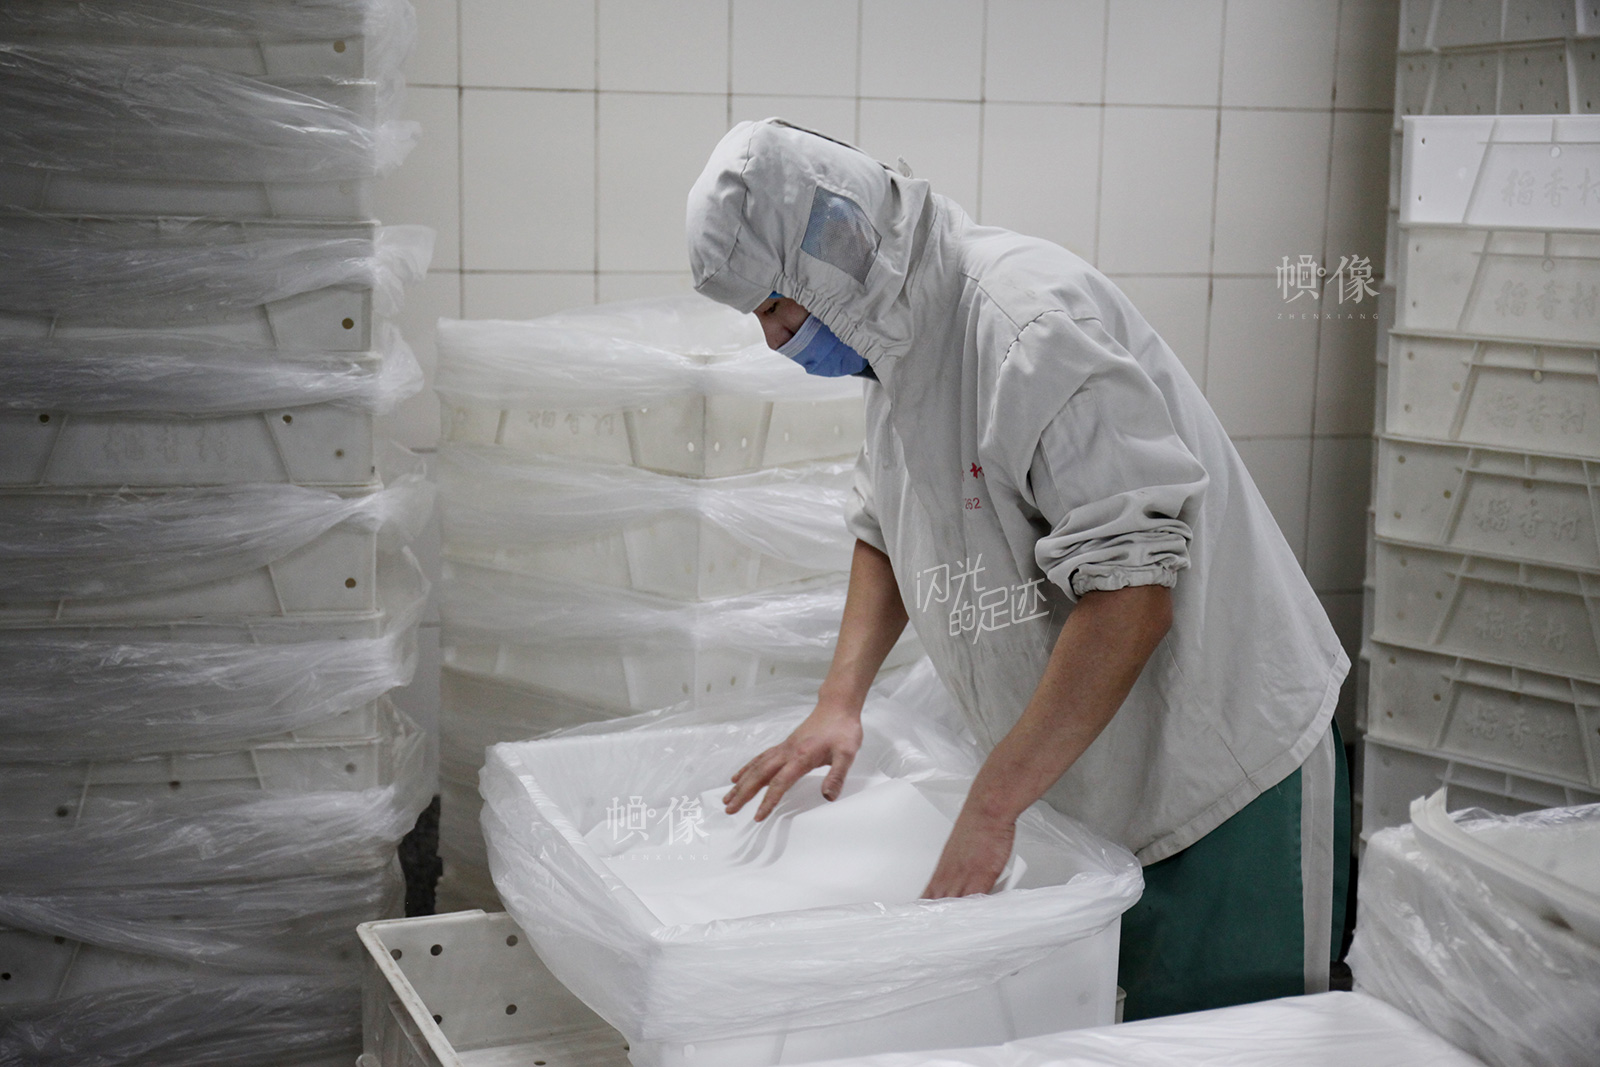 2017年3月2日,北京稻香村生产加工车间,工人正在为包装箱进行包装。中国网记者 高南 摄